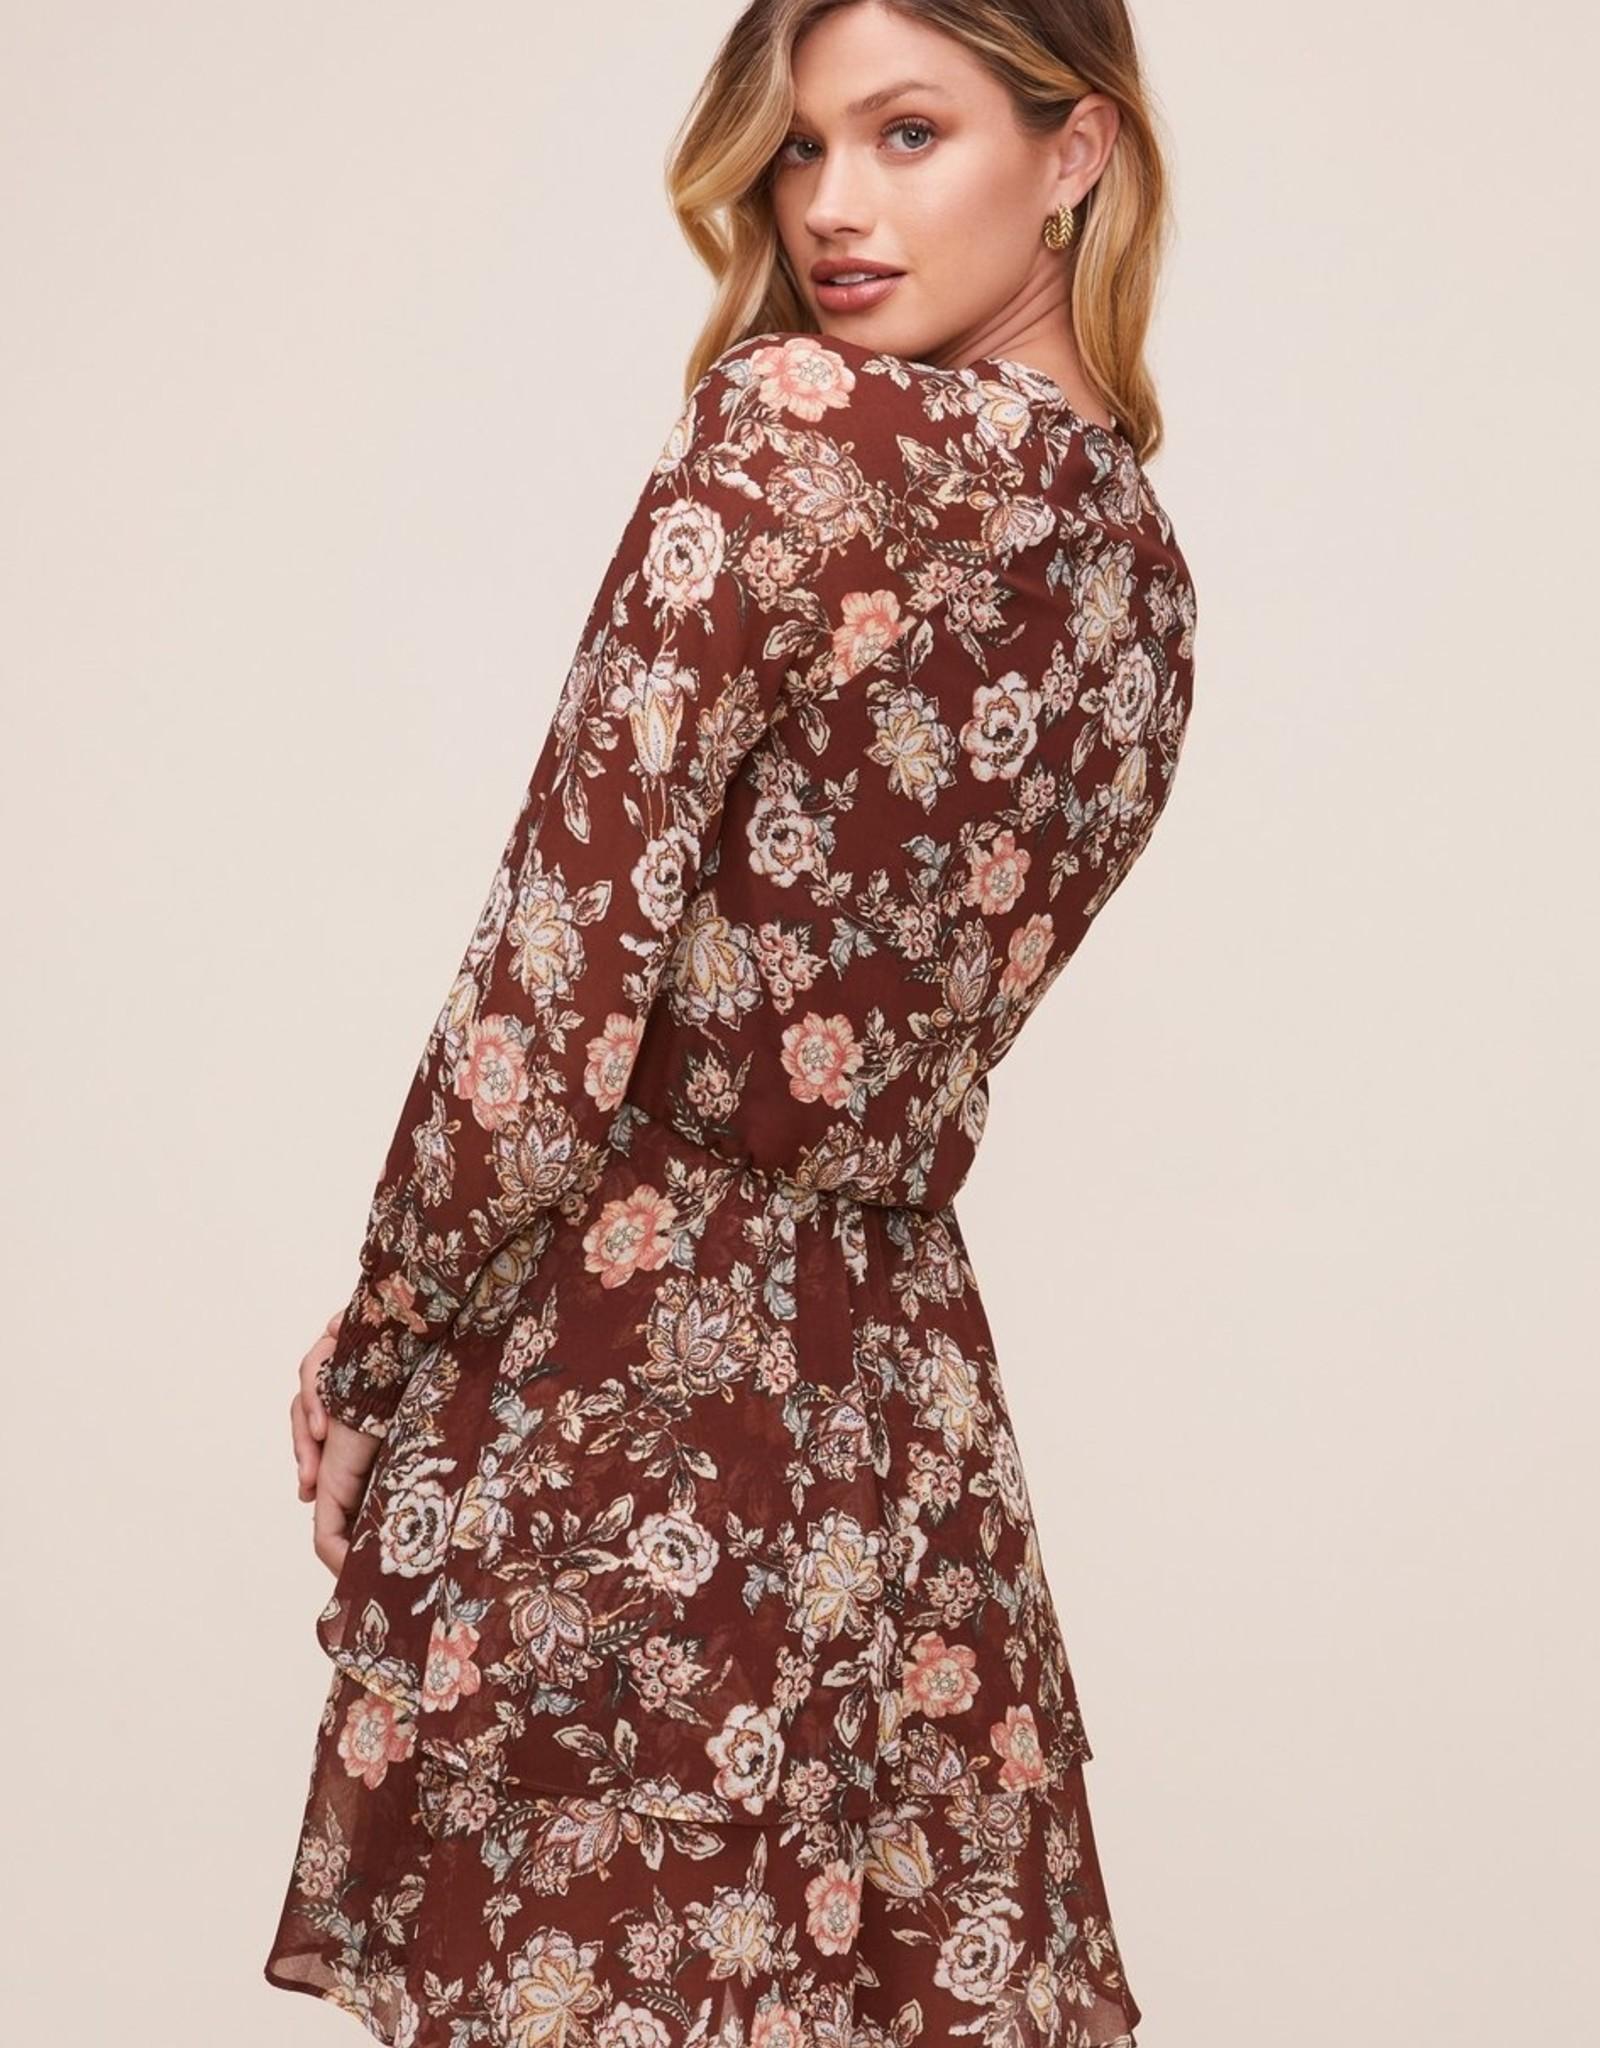 ASTR the Label Scarlet Floral Dress